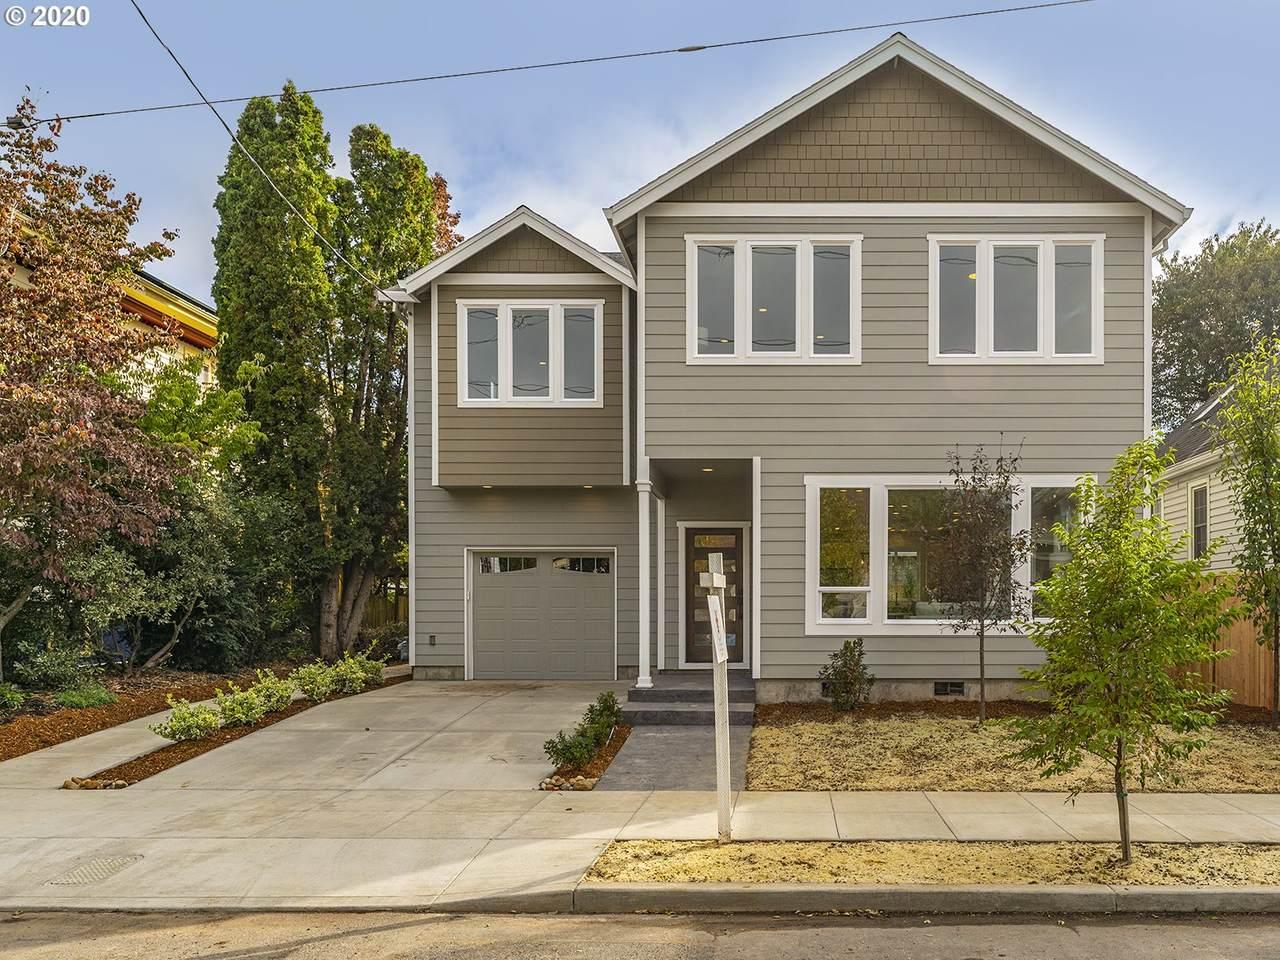 4046 Rodney Ave - Photo 1